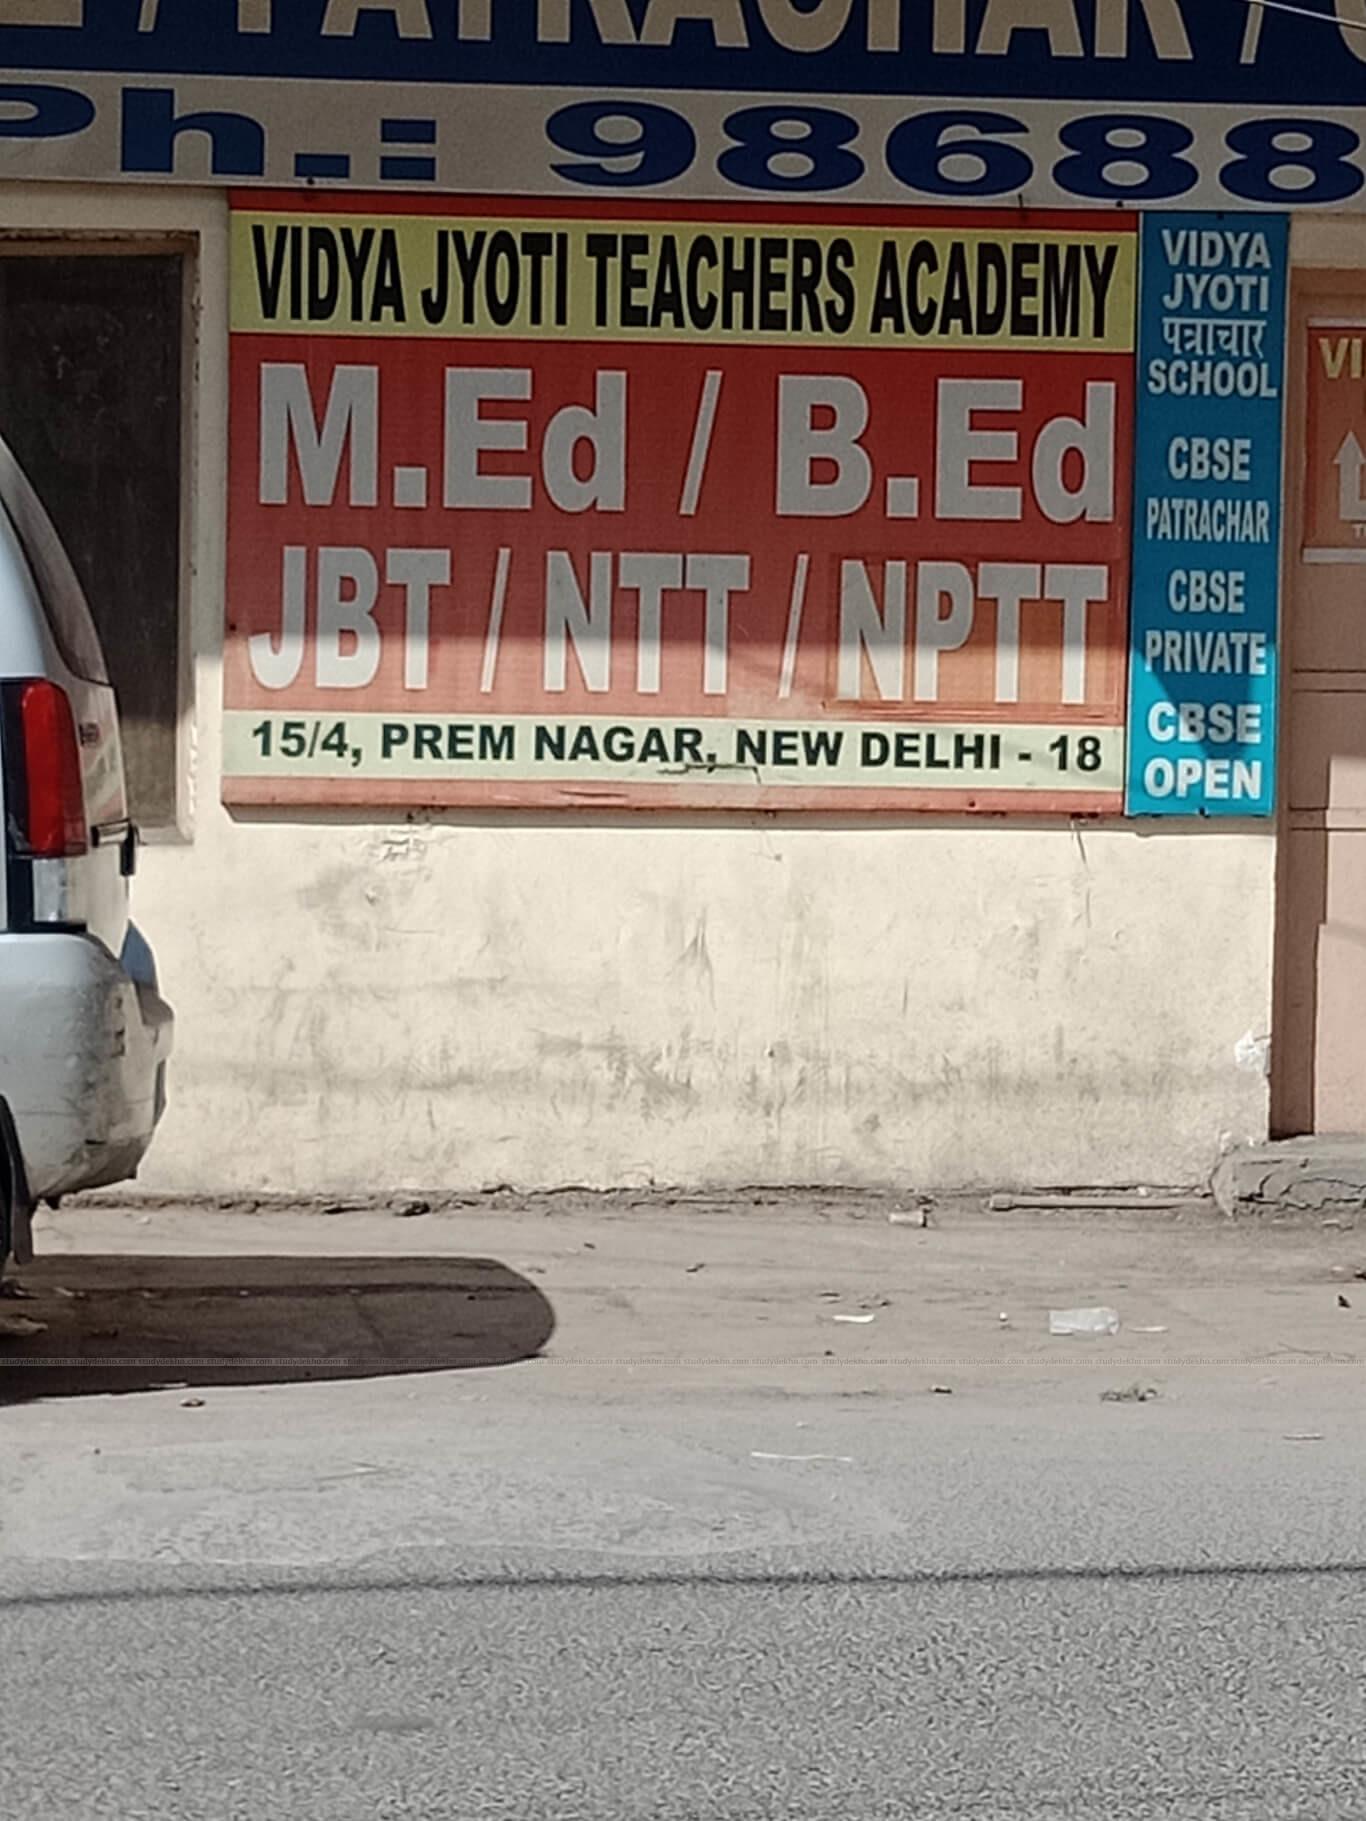 VIDYA JYOTI TEACHERS ACADEMY Logo